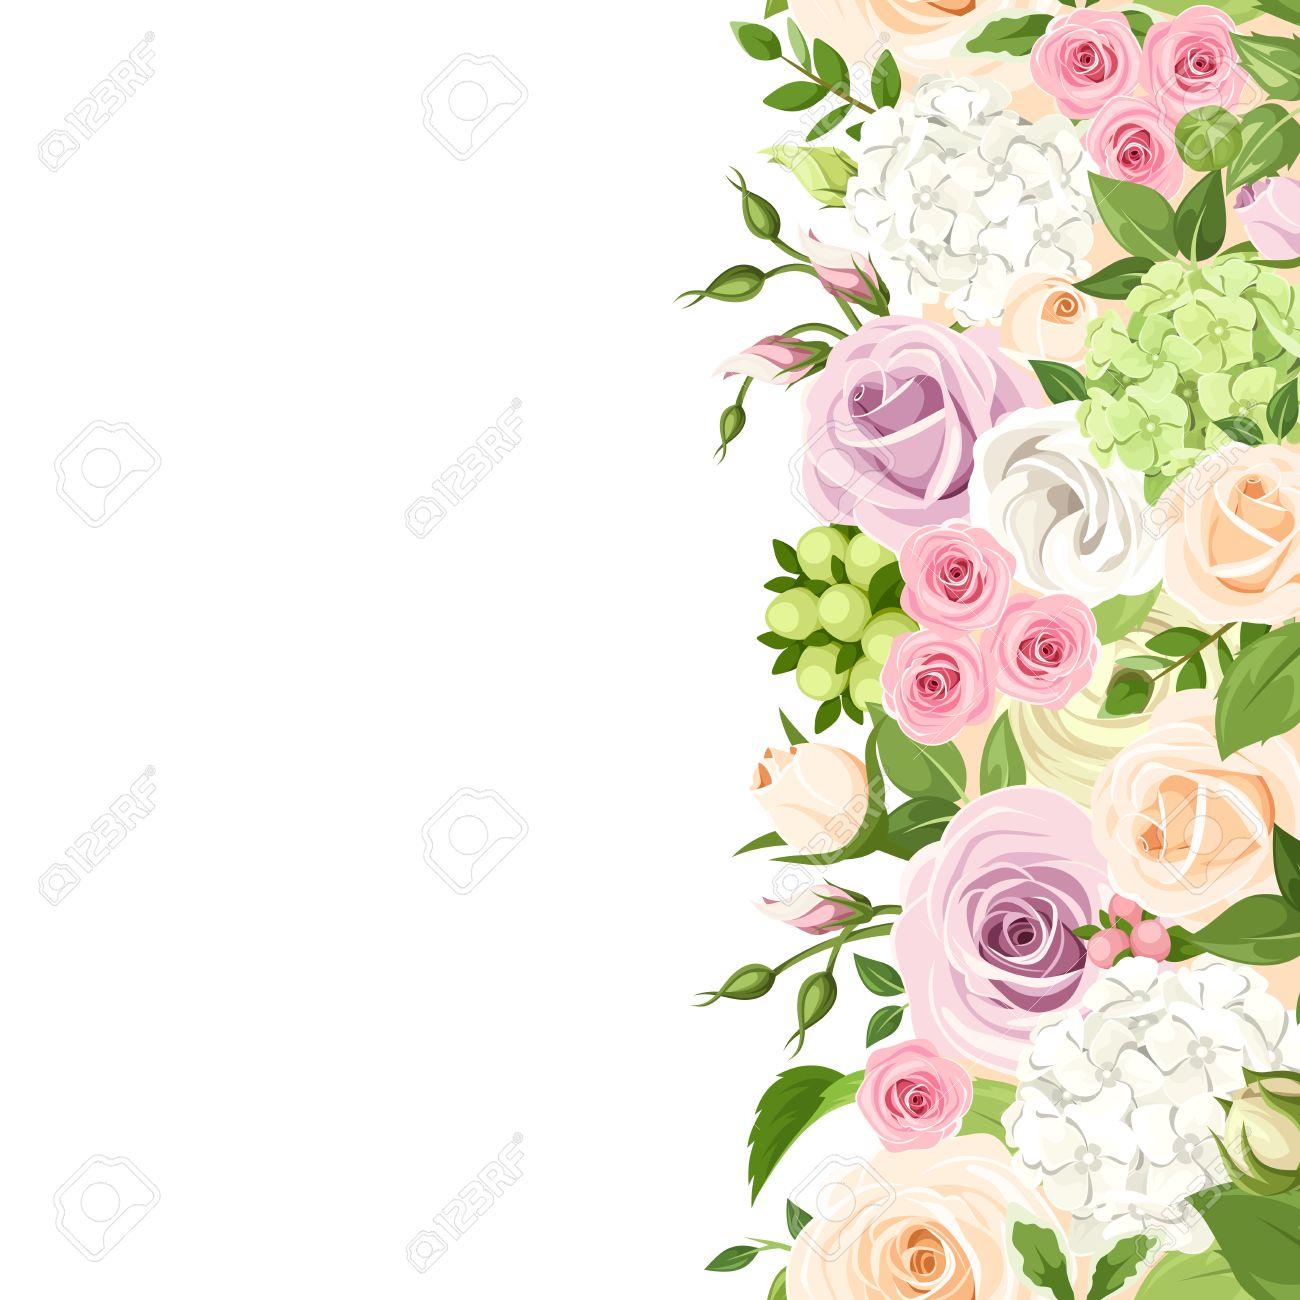 Vettoriale Sfondo Senza Soluzione Di Continuità Verticale Con Rosa